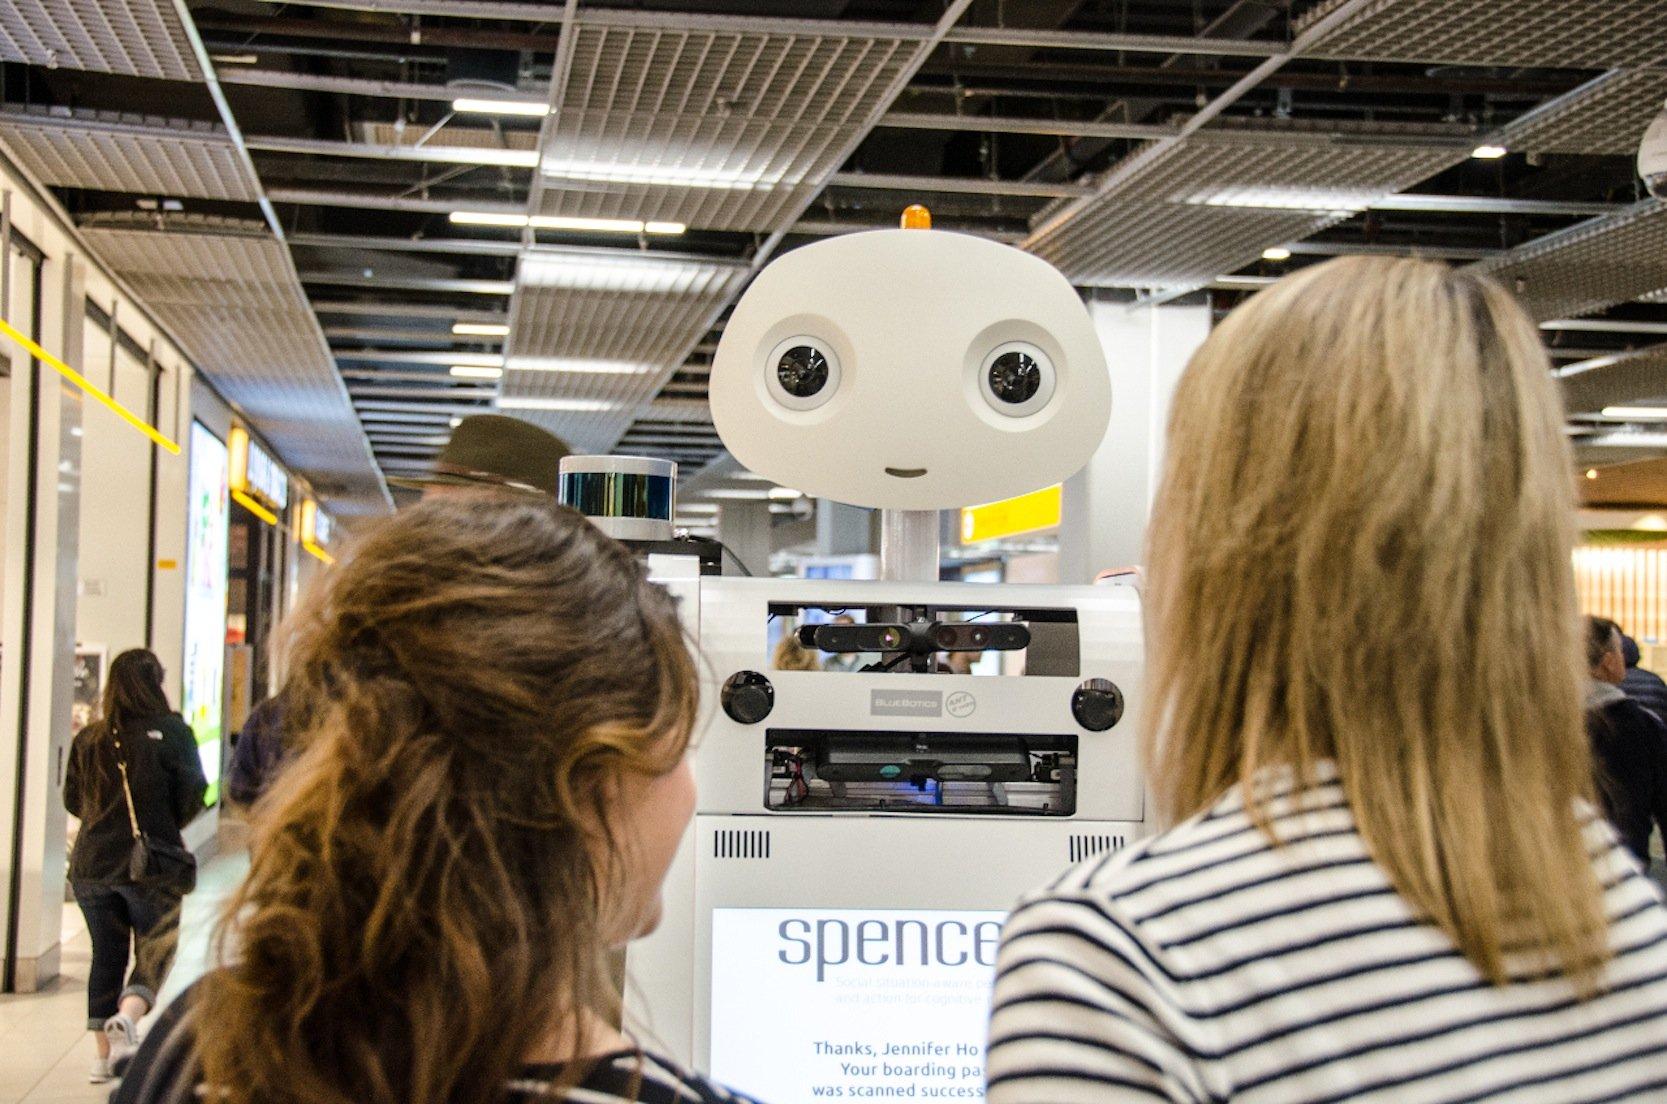 Das schweizerische Unternehmen BlueBotics baute den Roboter für die Fluggesellschaft KLM, die ihn künftig als Lotsen einsetzten möchte. Neben der Universität Twente sind die Albert-Ludwigs-Universität Freiburg, die TU München, die RWTH Aachen, das Centre National de la Recherche Scientifique in Toulouse sowie die schwedische Örebro Universität am Projekt Spencer beteiligt.